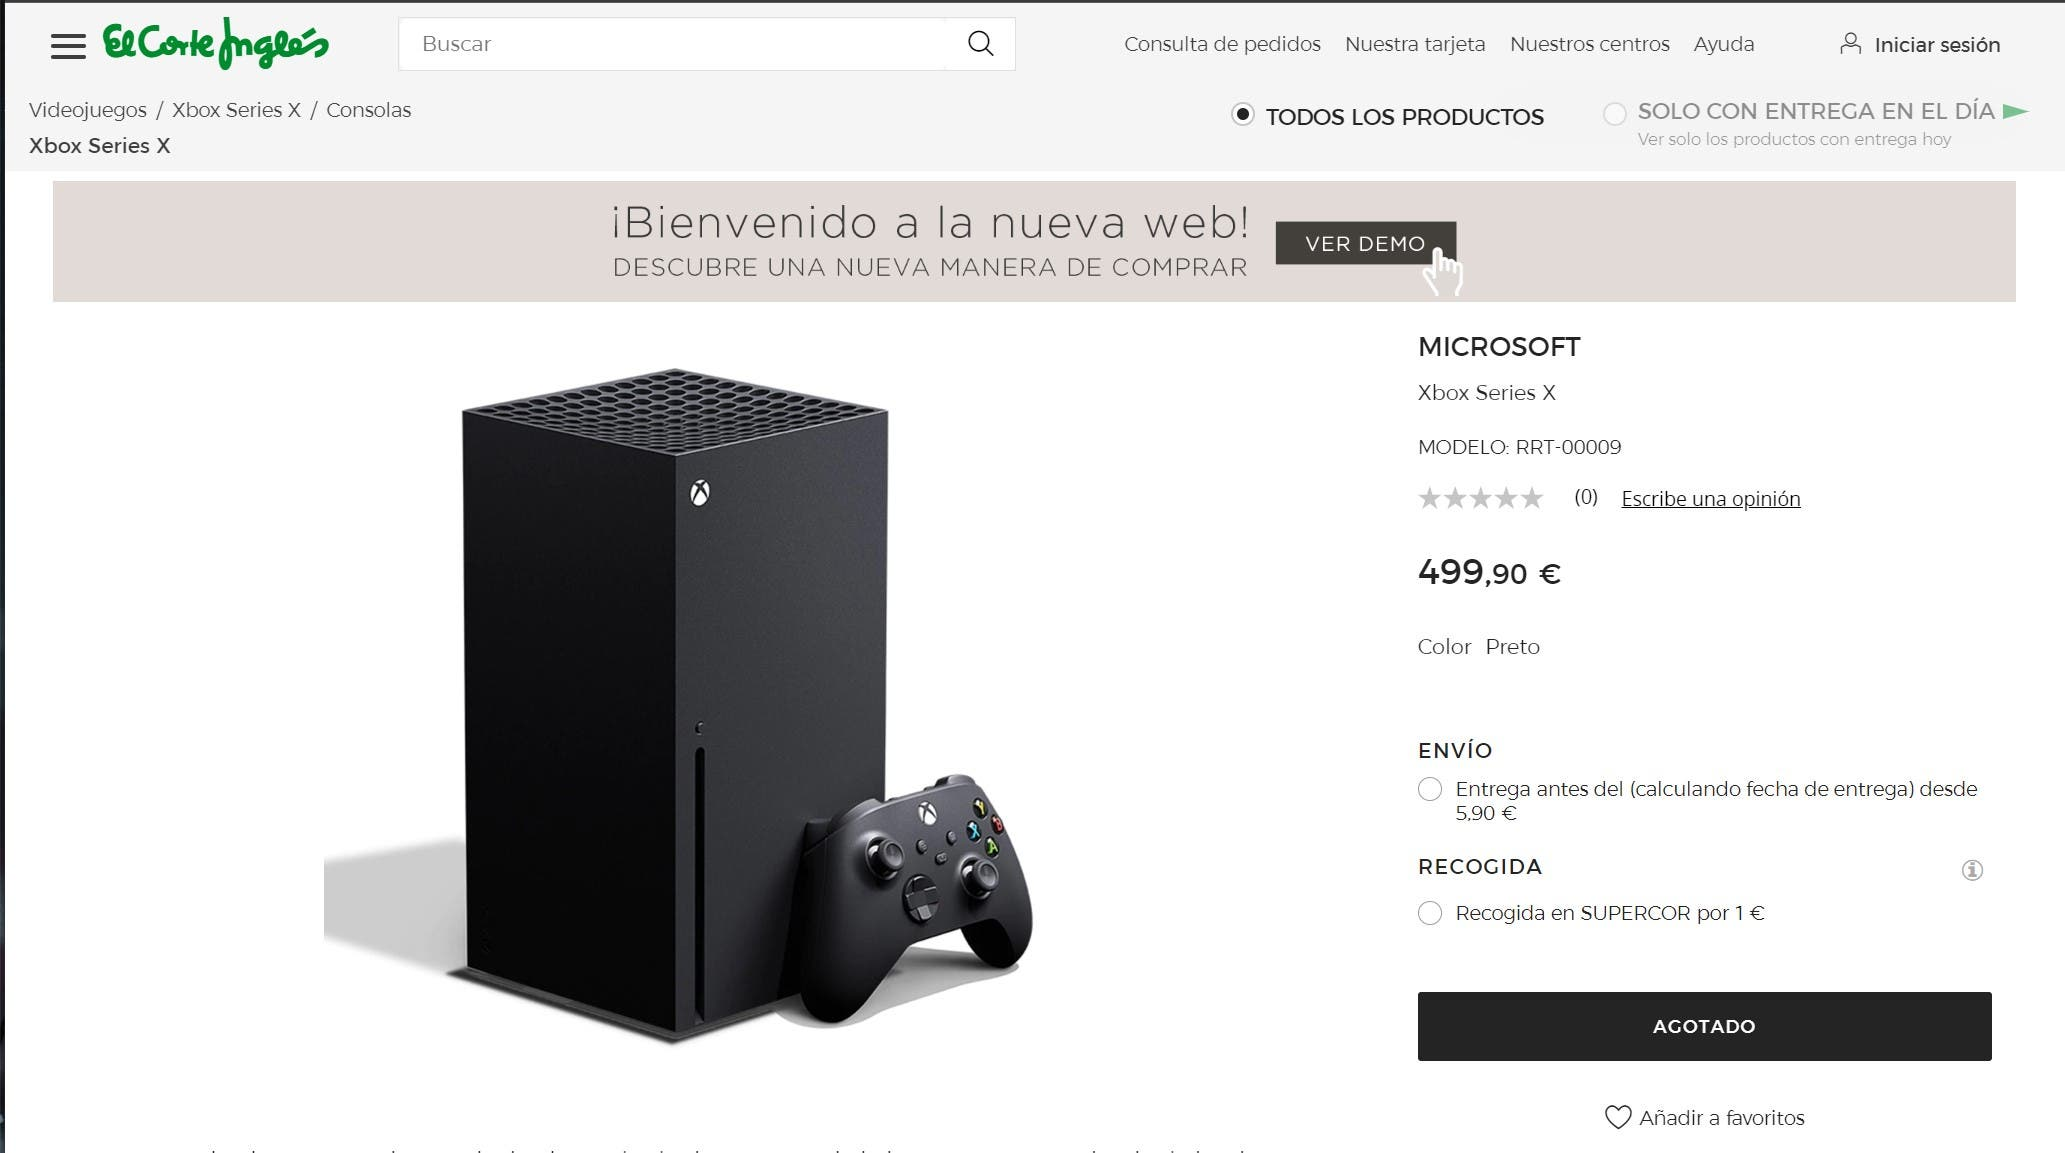 Las reservas de Xbox Series X se agotan a los pocos minutos 1